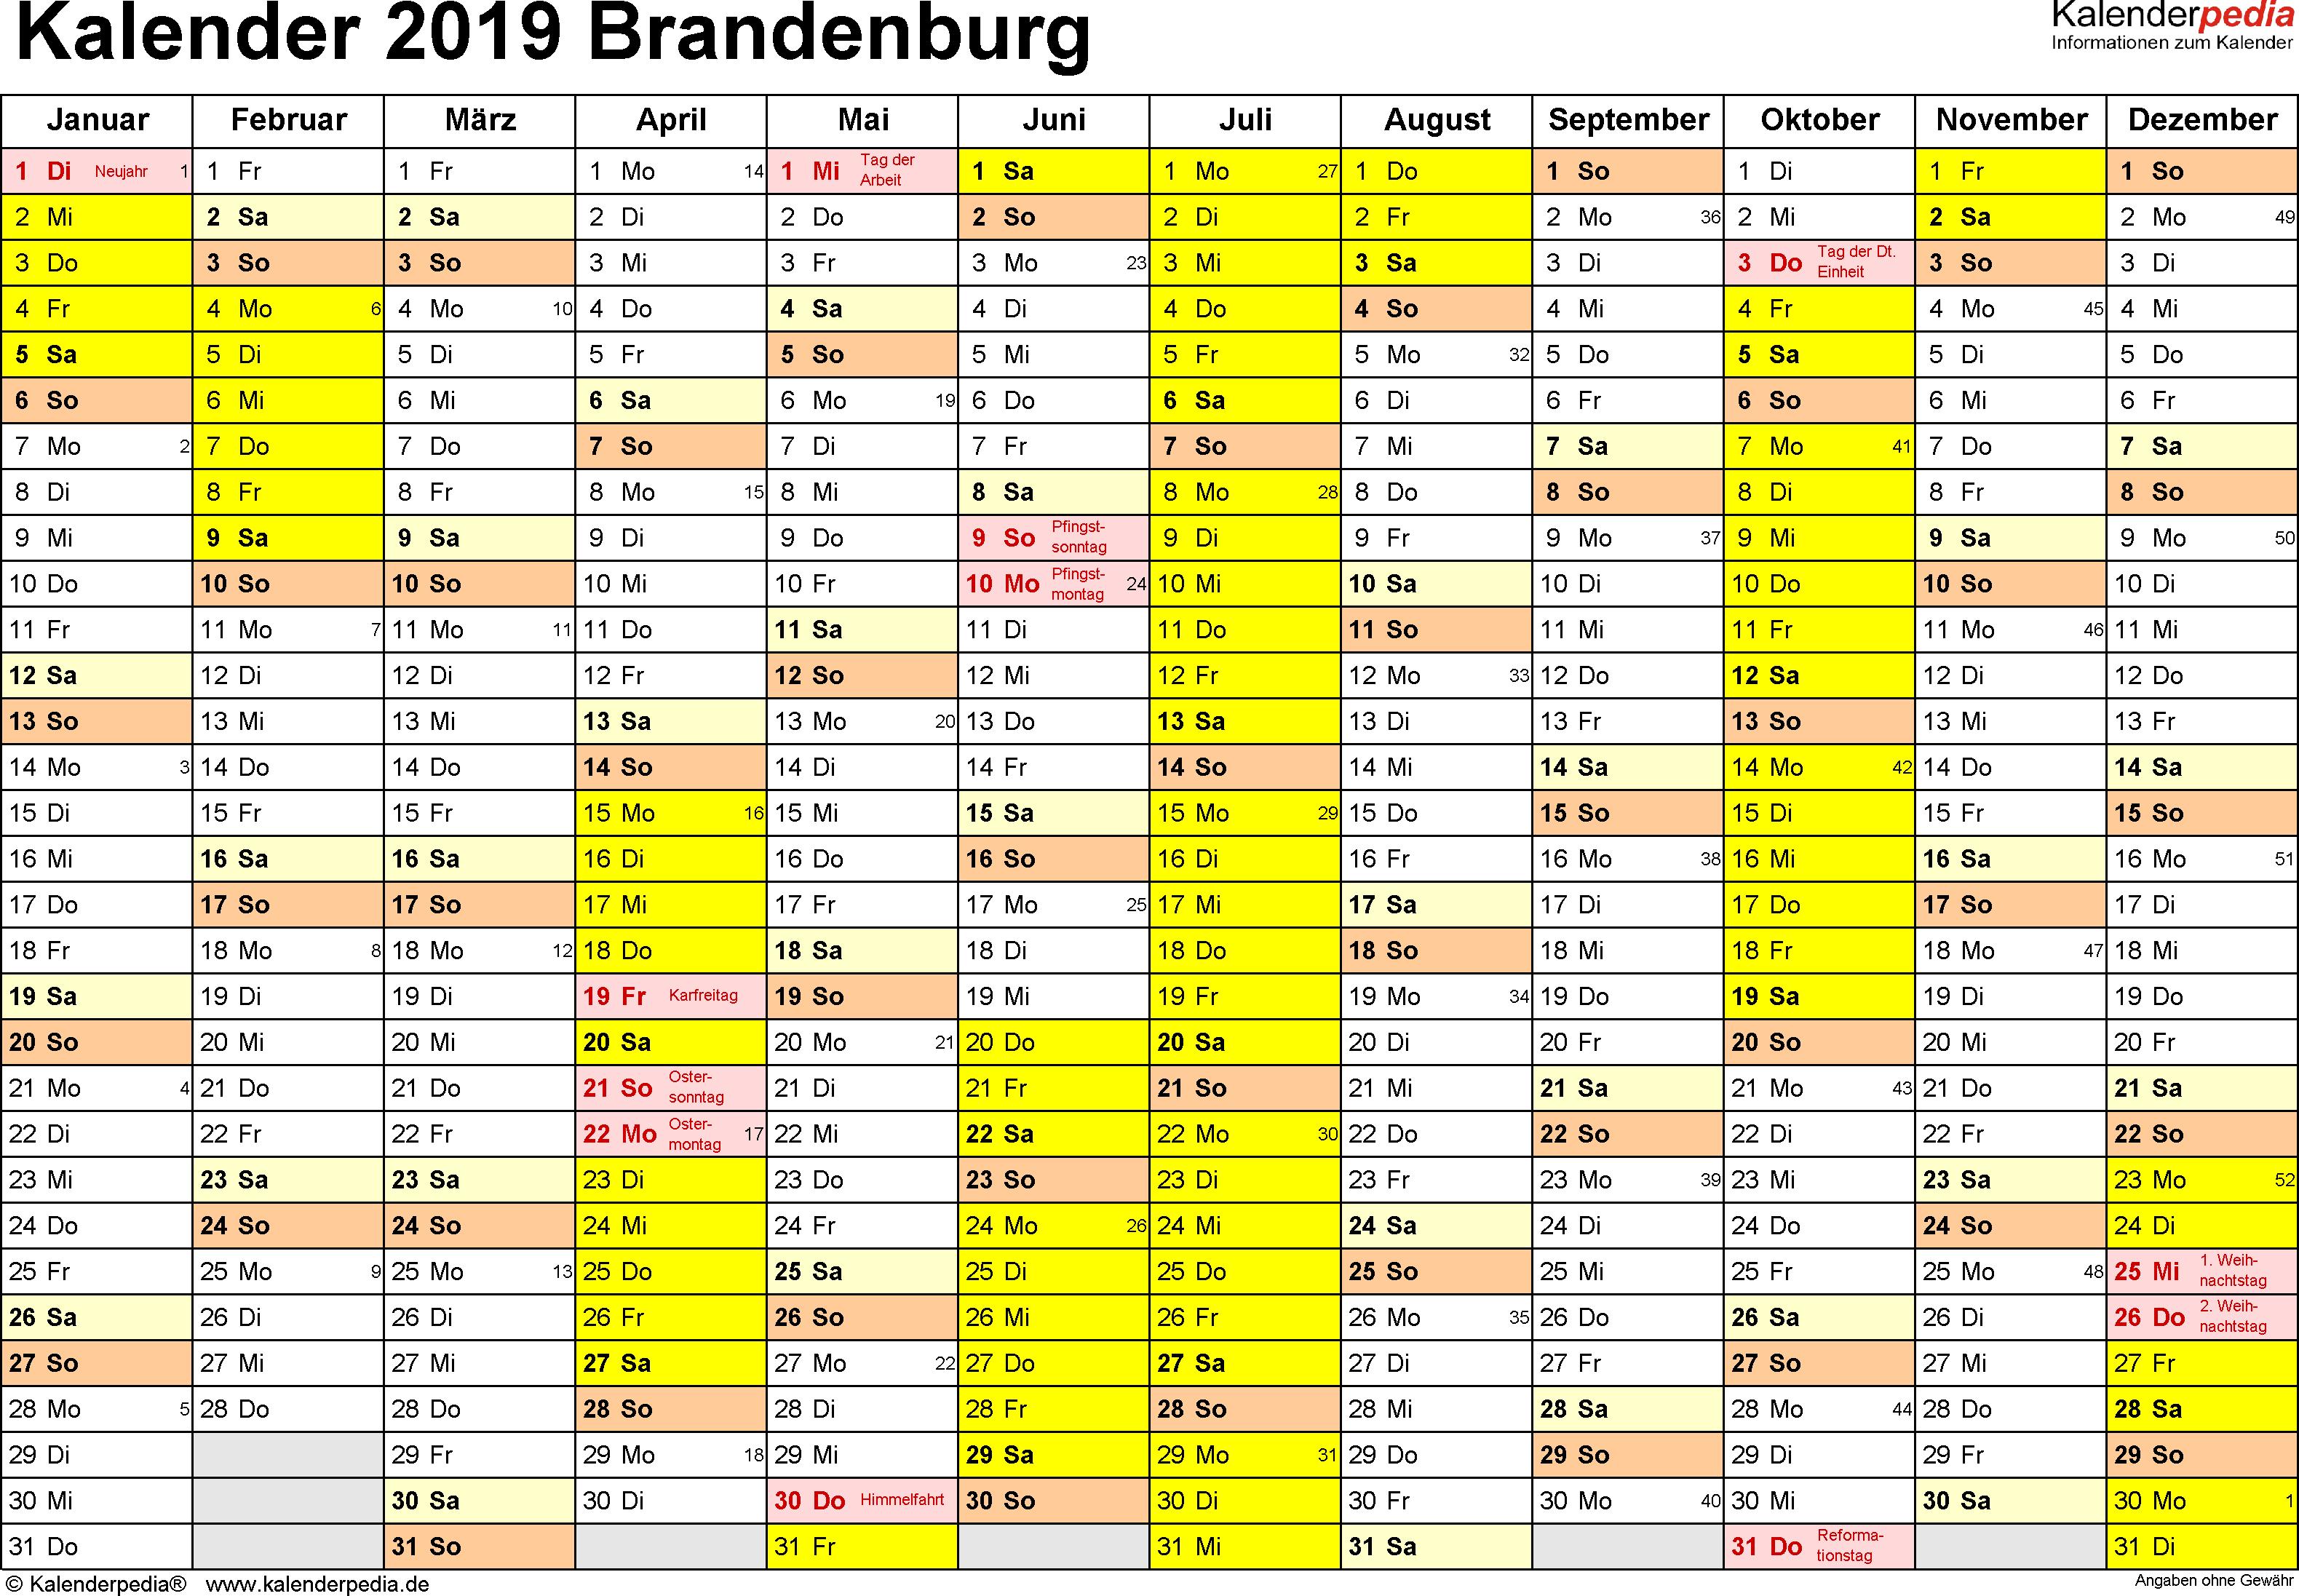 Vorlage 1: Kalender 2019 für Brandenburg als PDF-Vorlage (Querformat, 1 Seite)